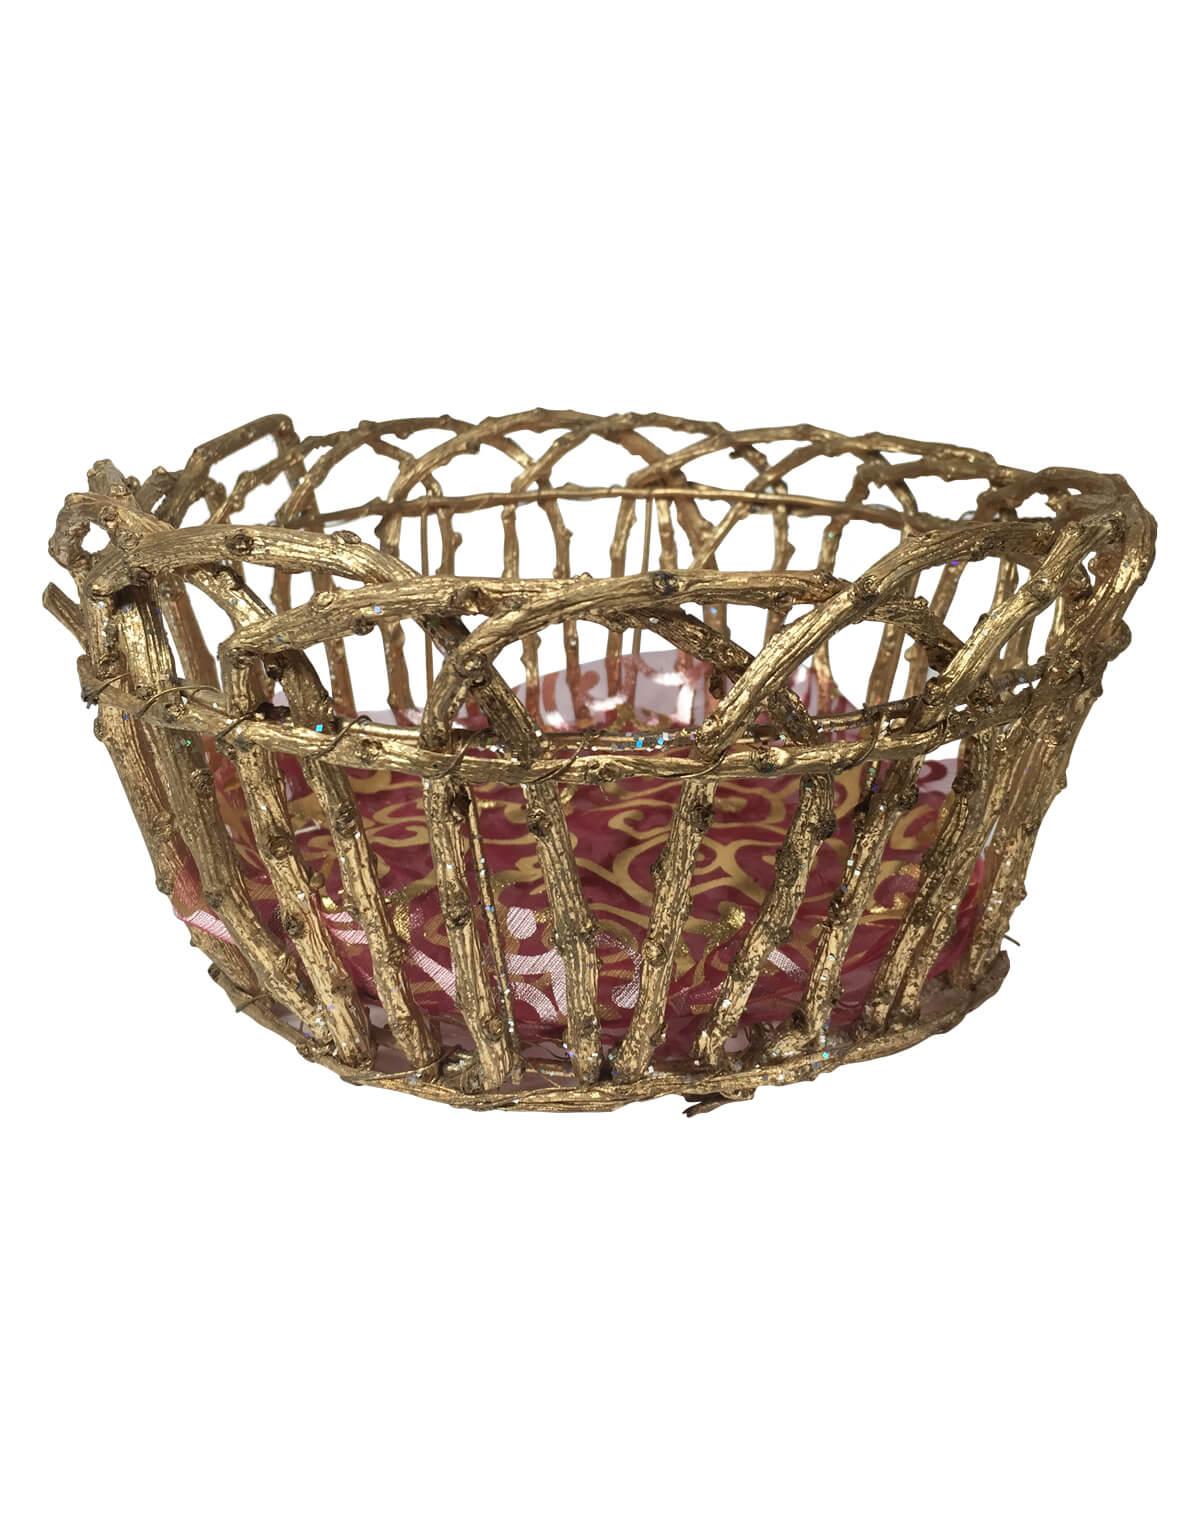 корзинка для хлеба купить